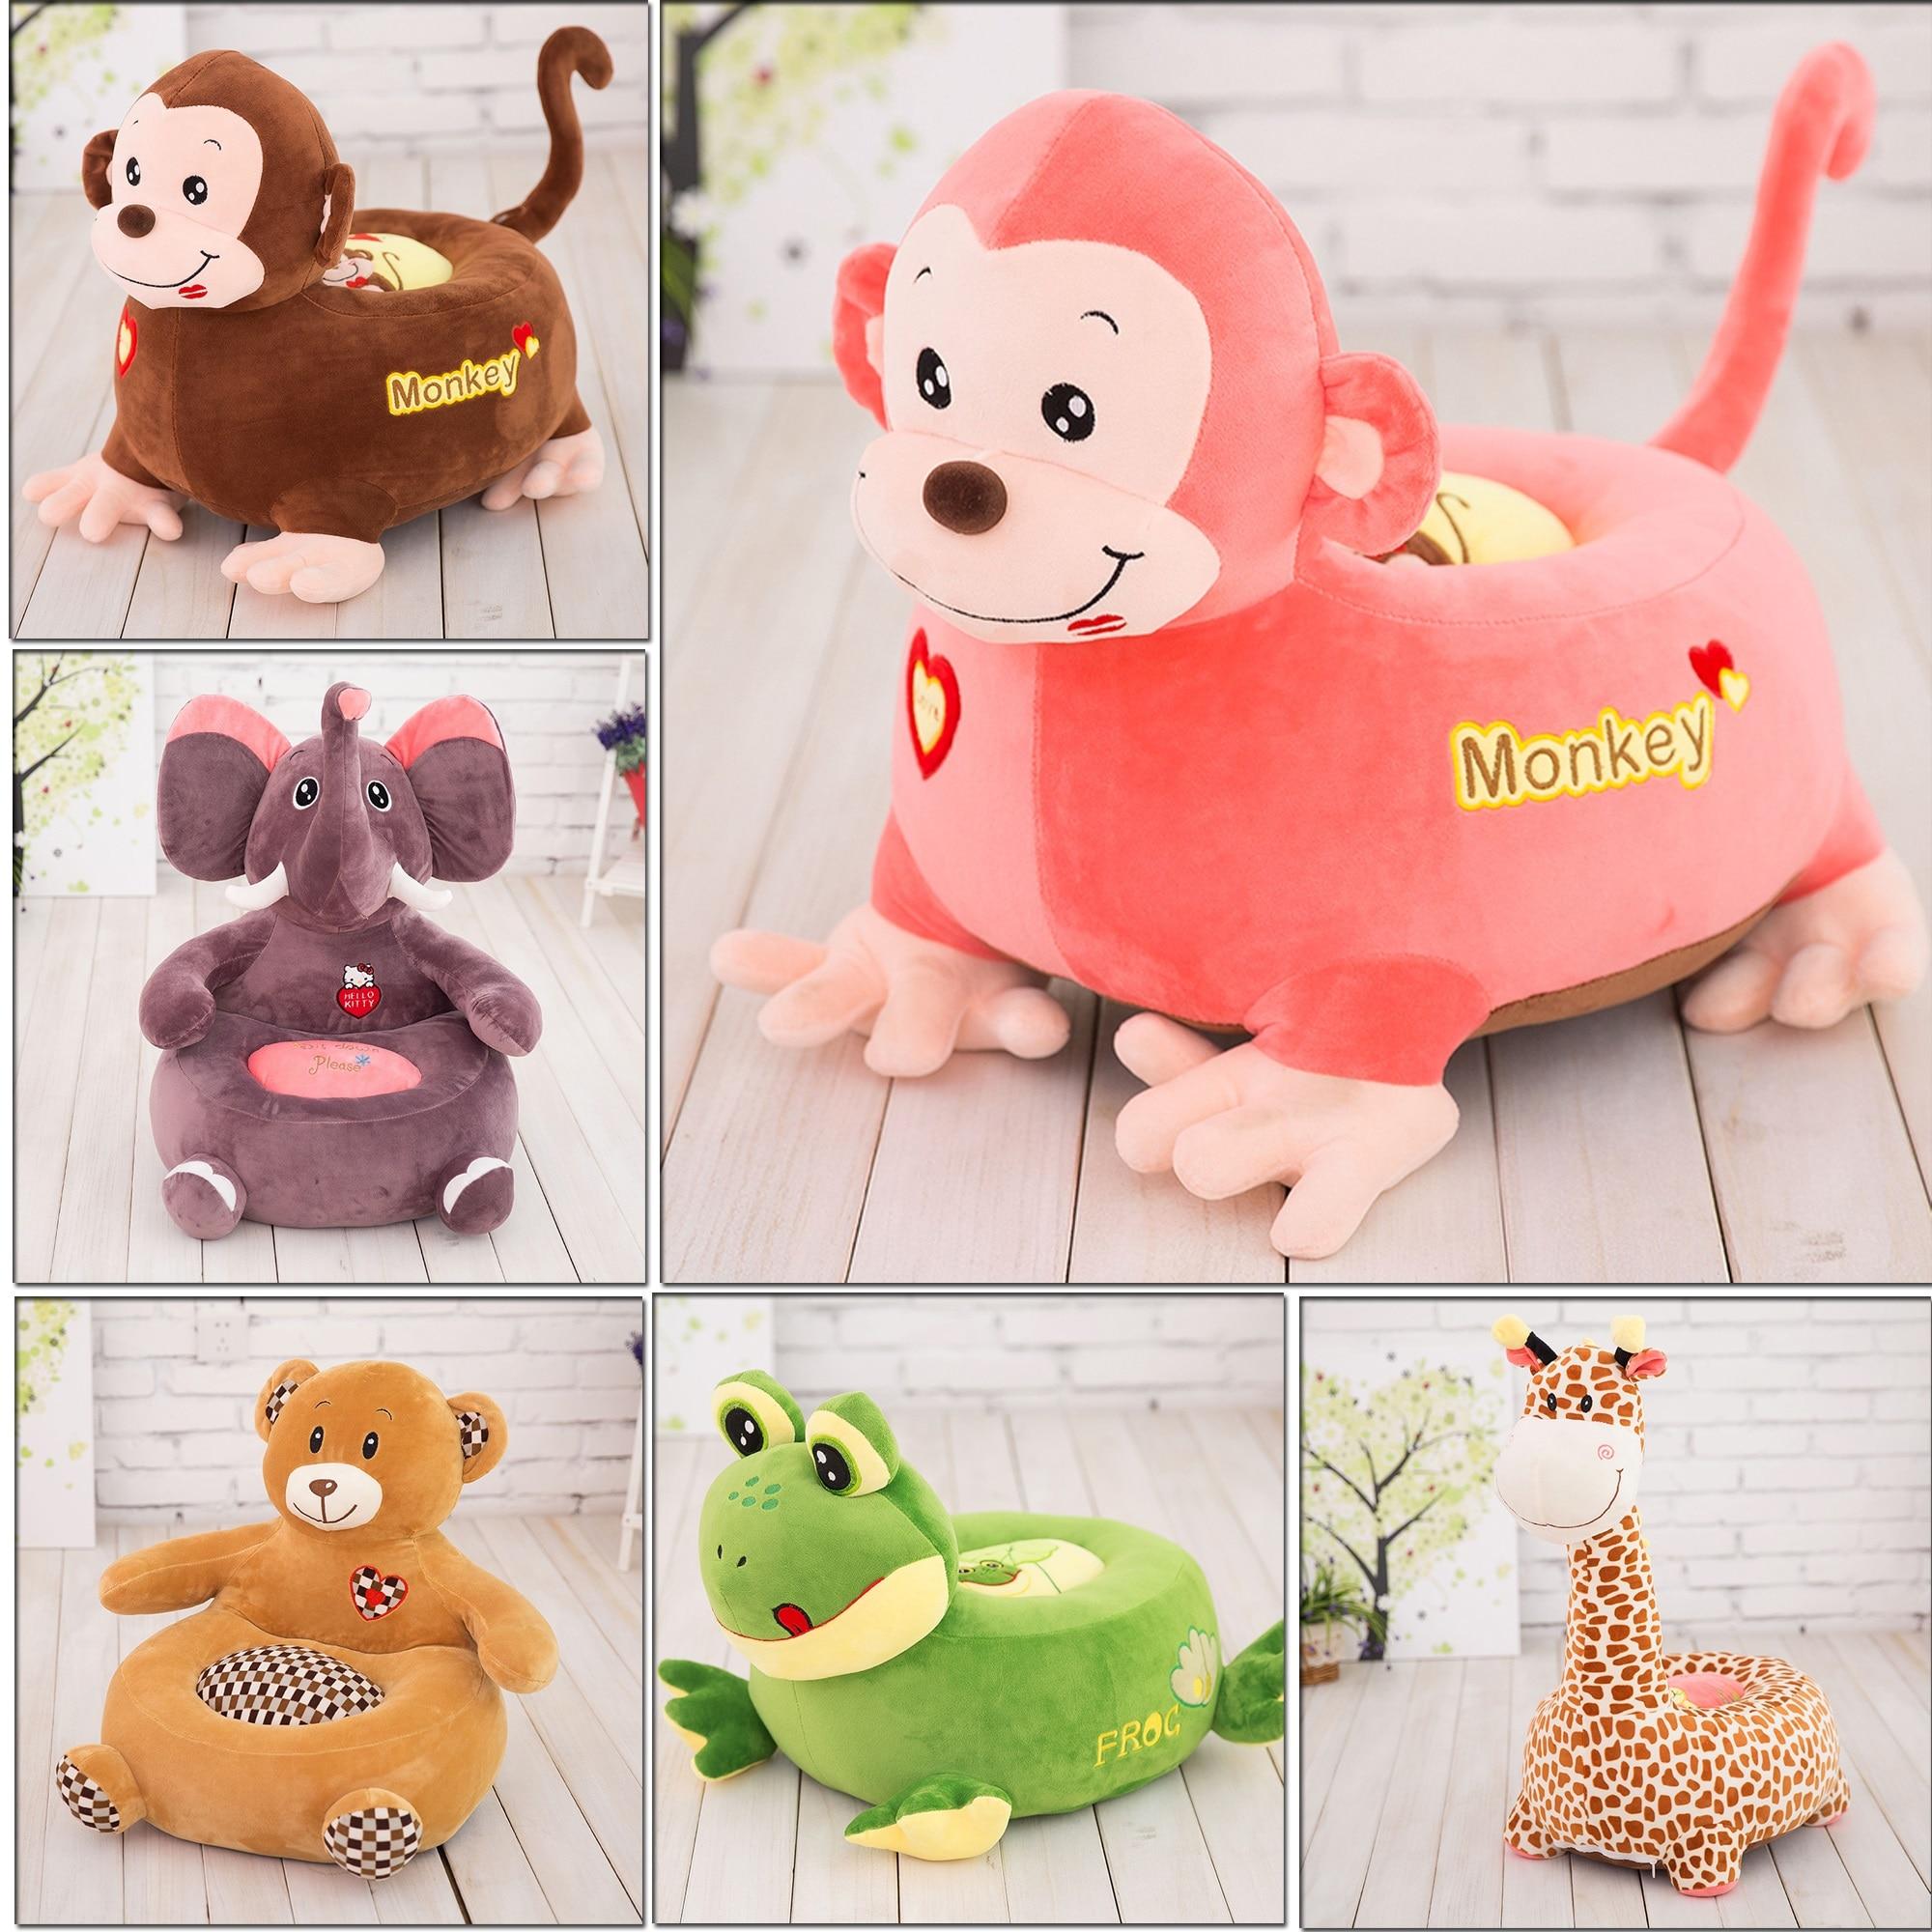 0-6Y Baby Cute Plush Giraffe Childrens Sofa Stuffed Animal Cushion Seat Soft Toys